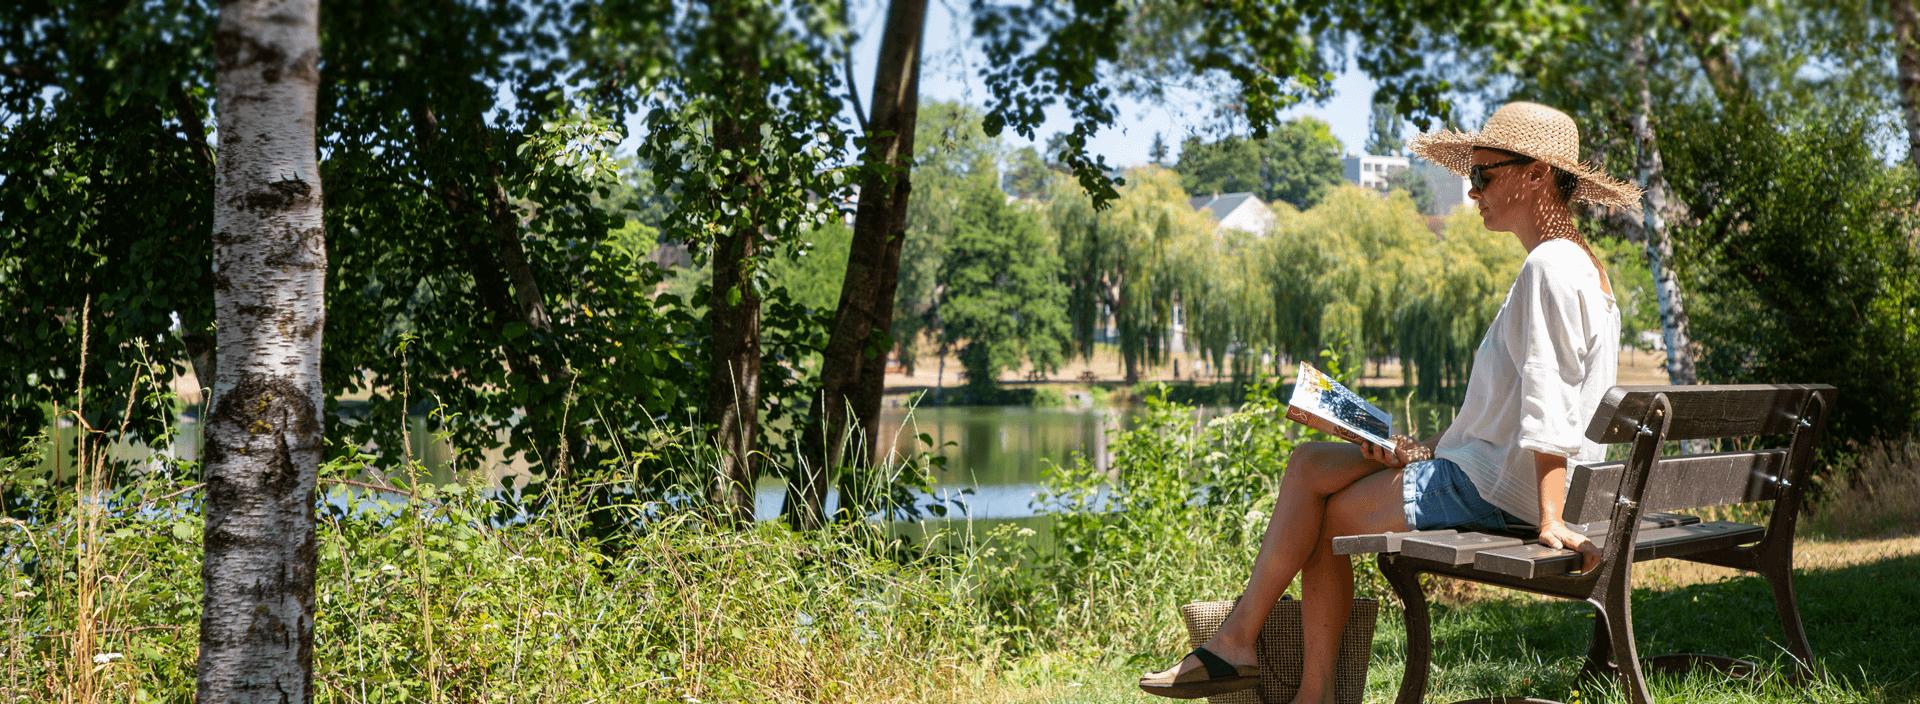 Camping Le Paluet À Matour, En Saône-Et-Loire En Bourgogne dedans Camping Auvergne Piscine